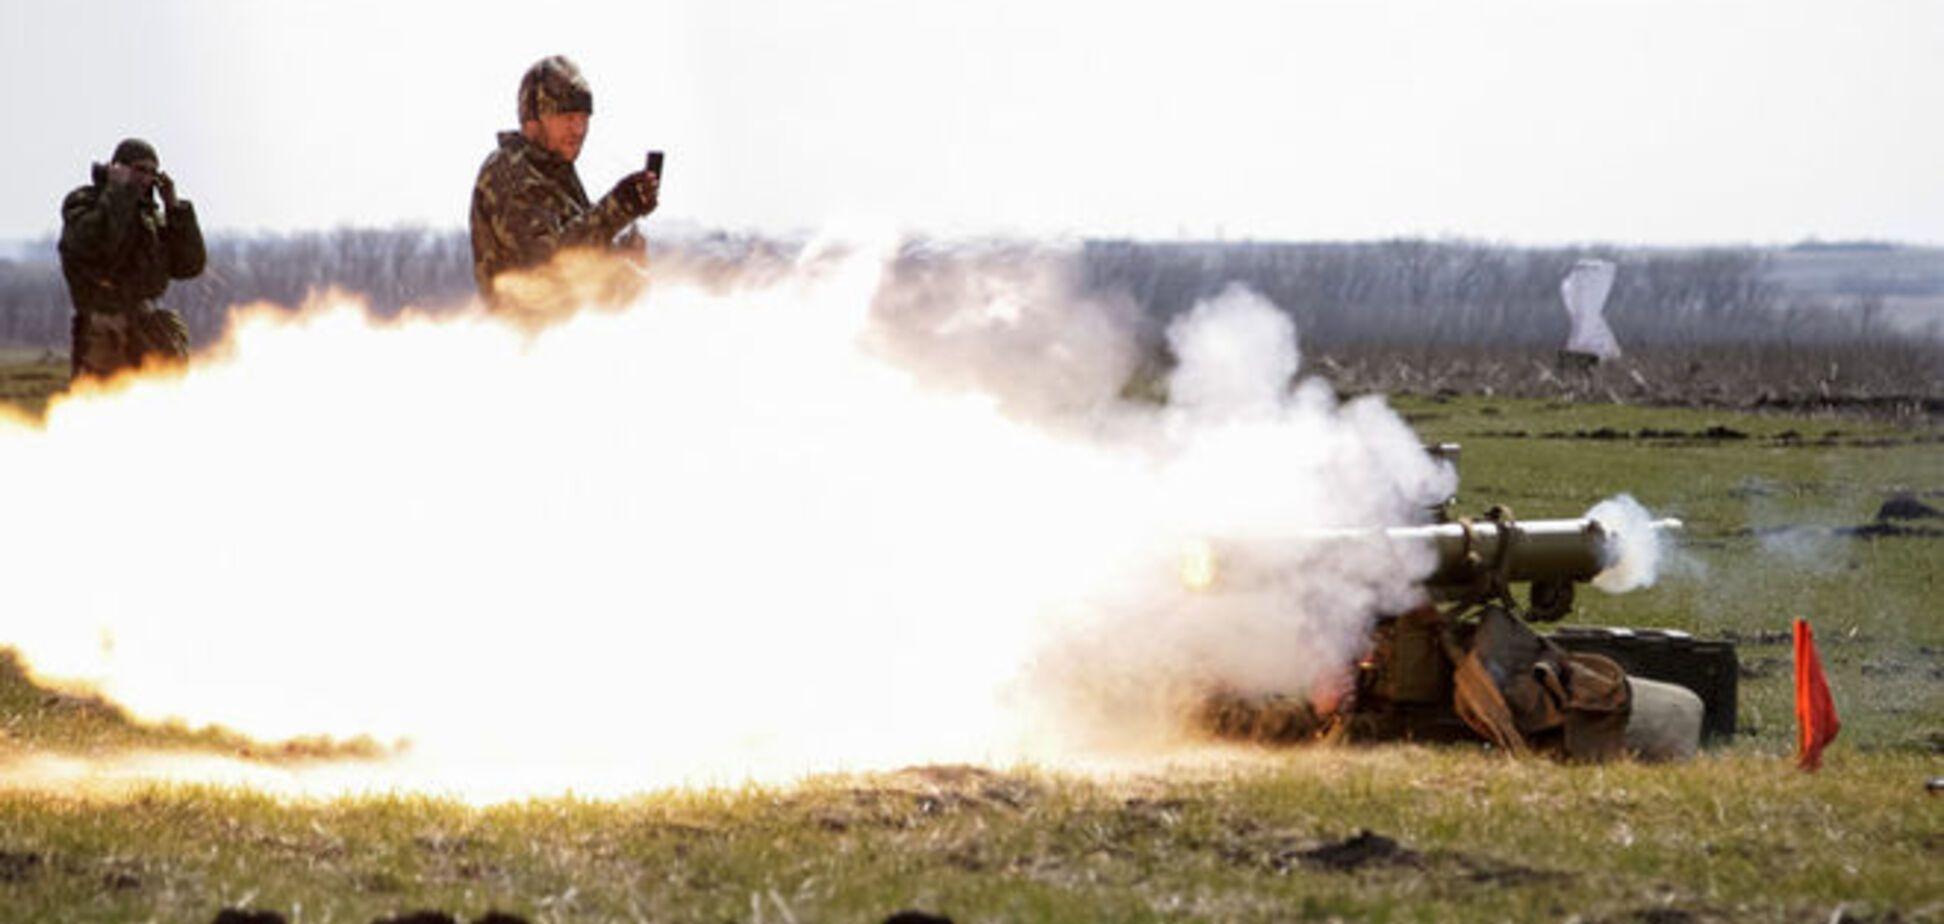 ГРУ Генштабу Росії координує вогонь терористів на Донбасі - СБУ